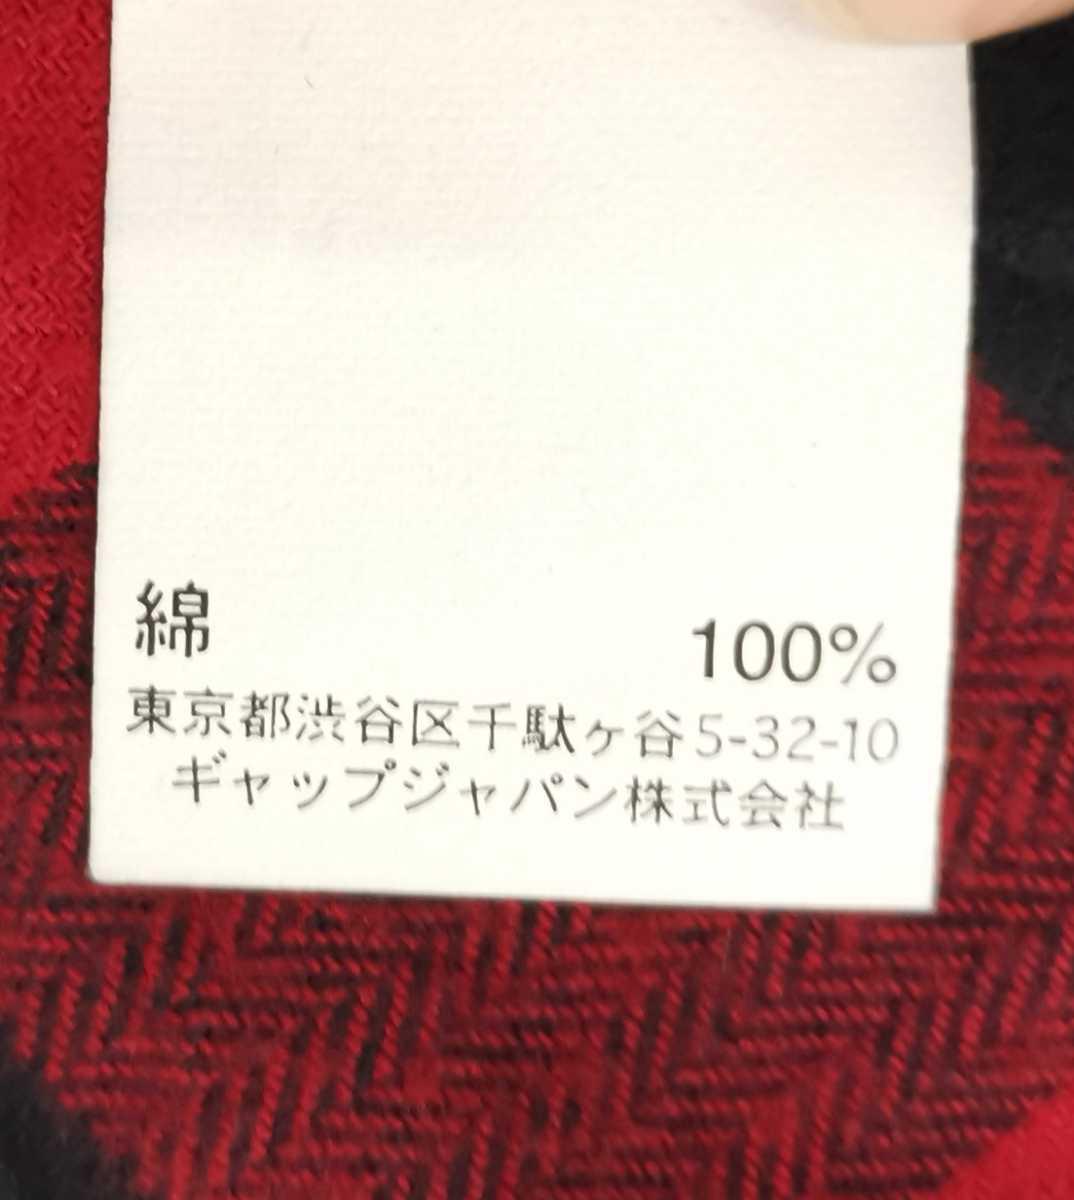 #メンズ(トップス)【GAP】★ギャップ★長袖シャツ★チェック柄ネルシャツ★SLIM★赤×黒★表記サイズ(XS)★送料無料★fe-14